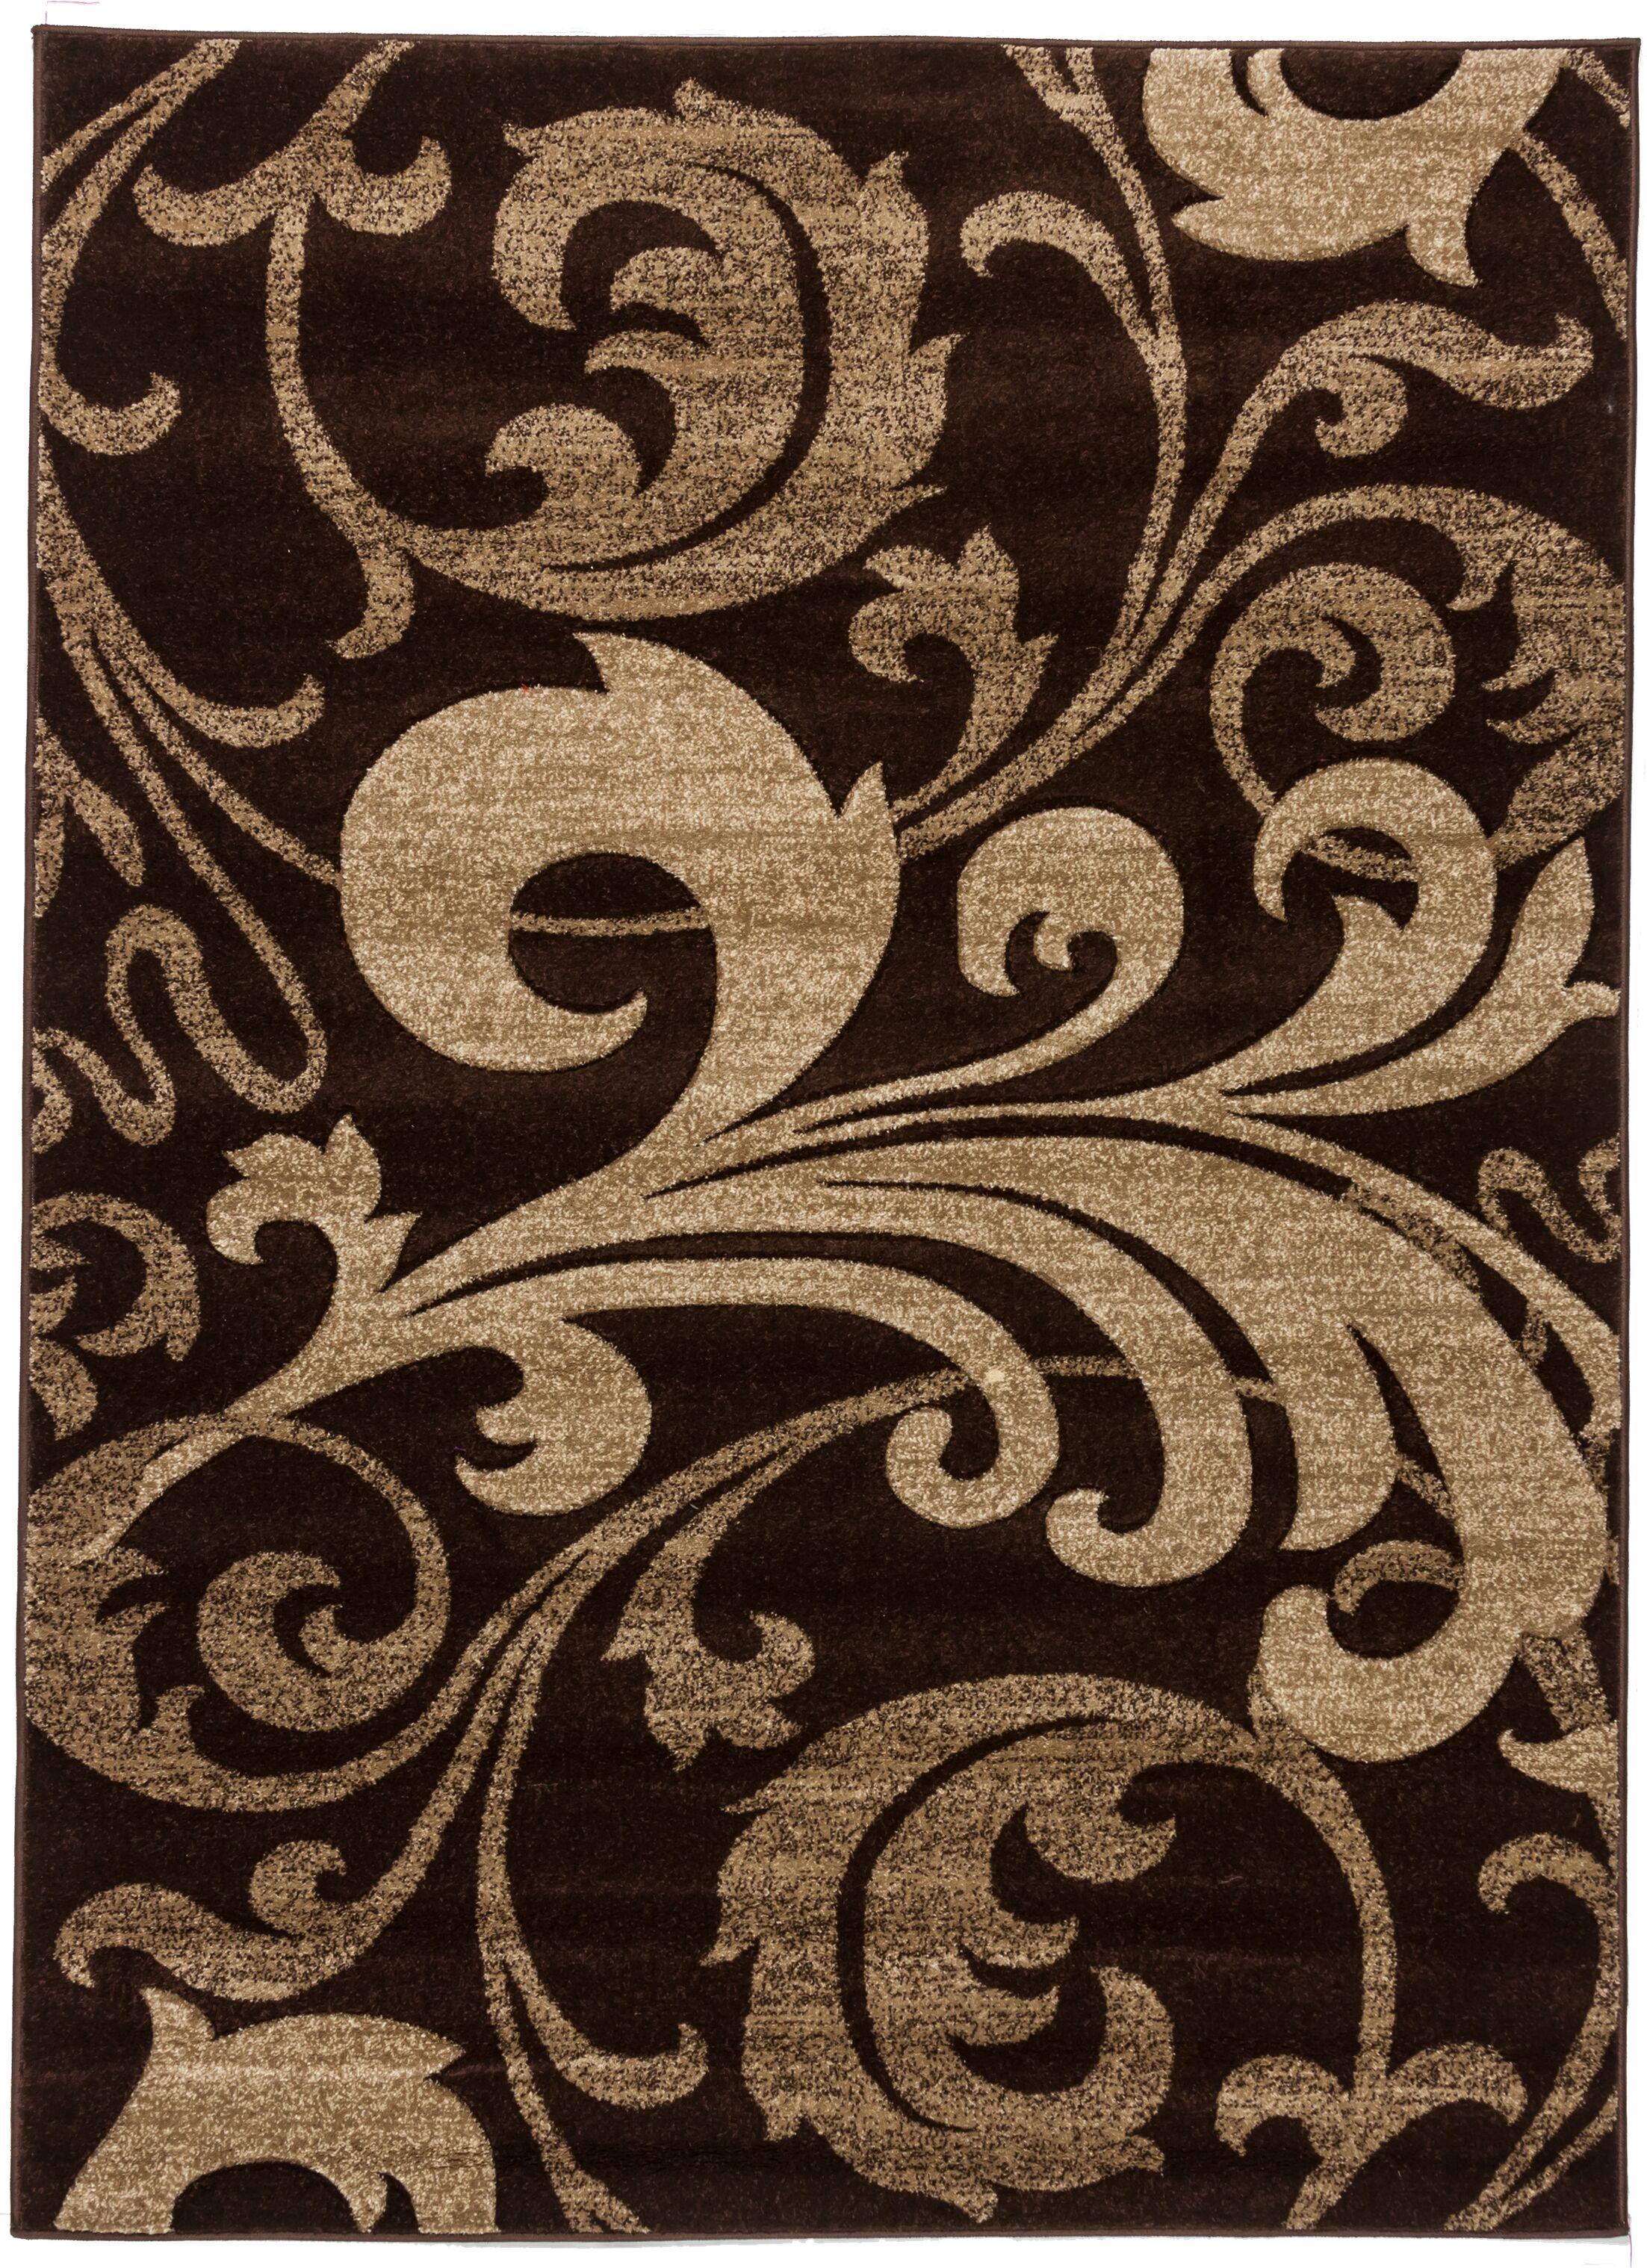 Waynesfield Fleur De Lis Geometric Area Rug Rug Size: Rectangle 5'3